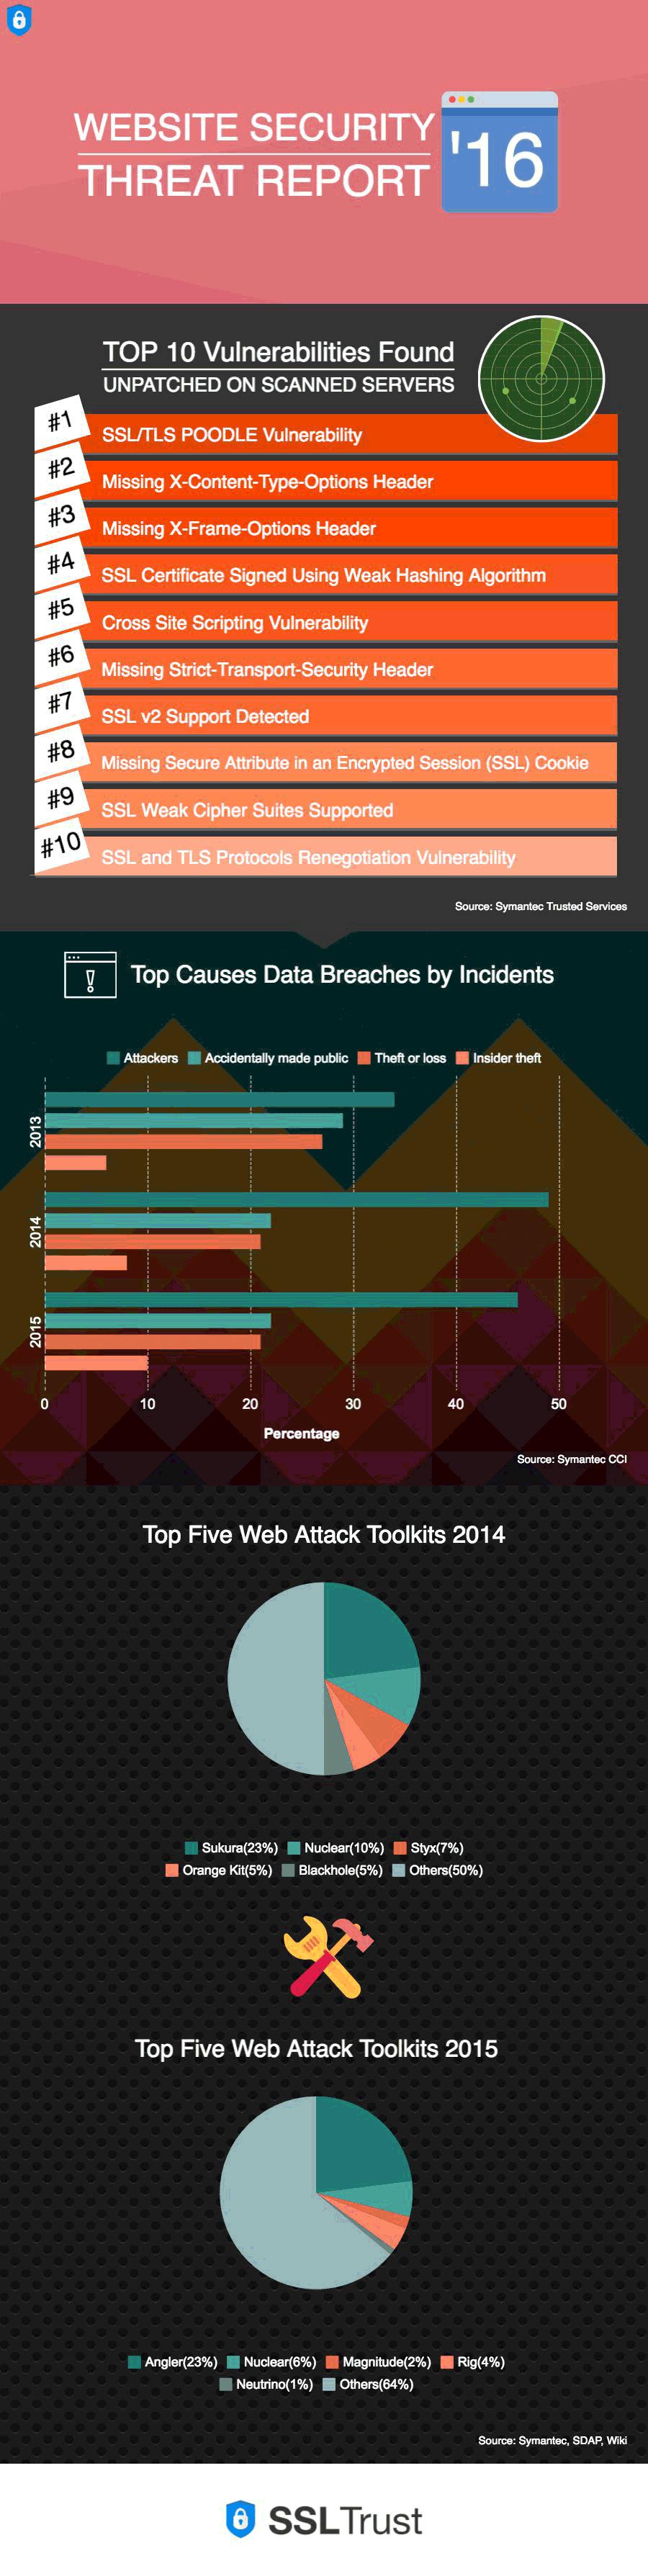 2016 Website Security Threat Report